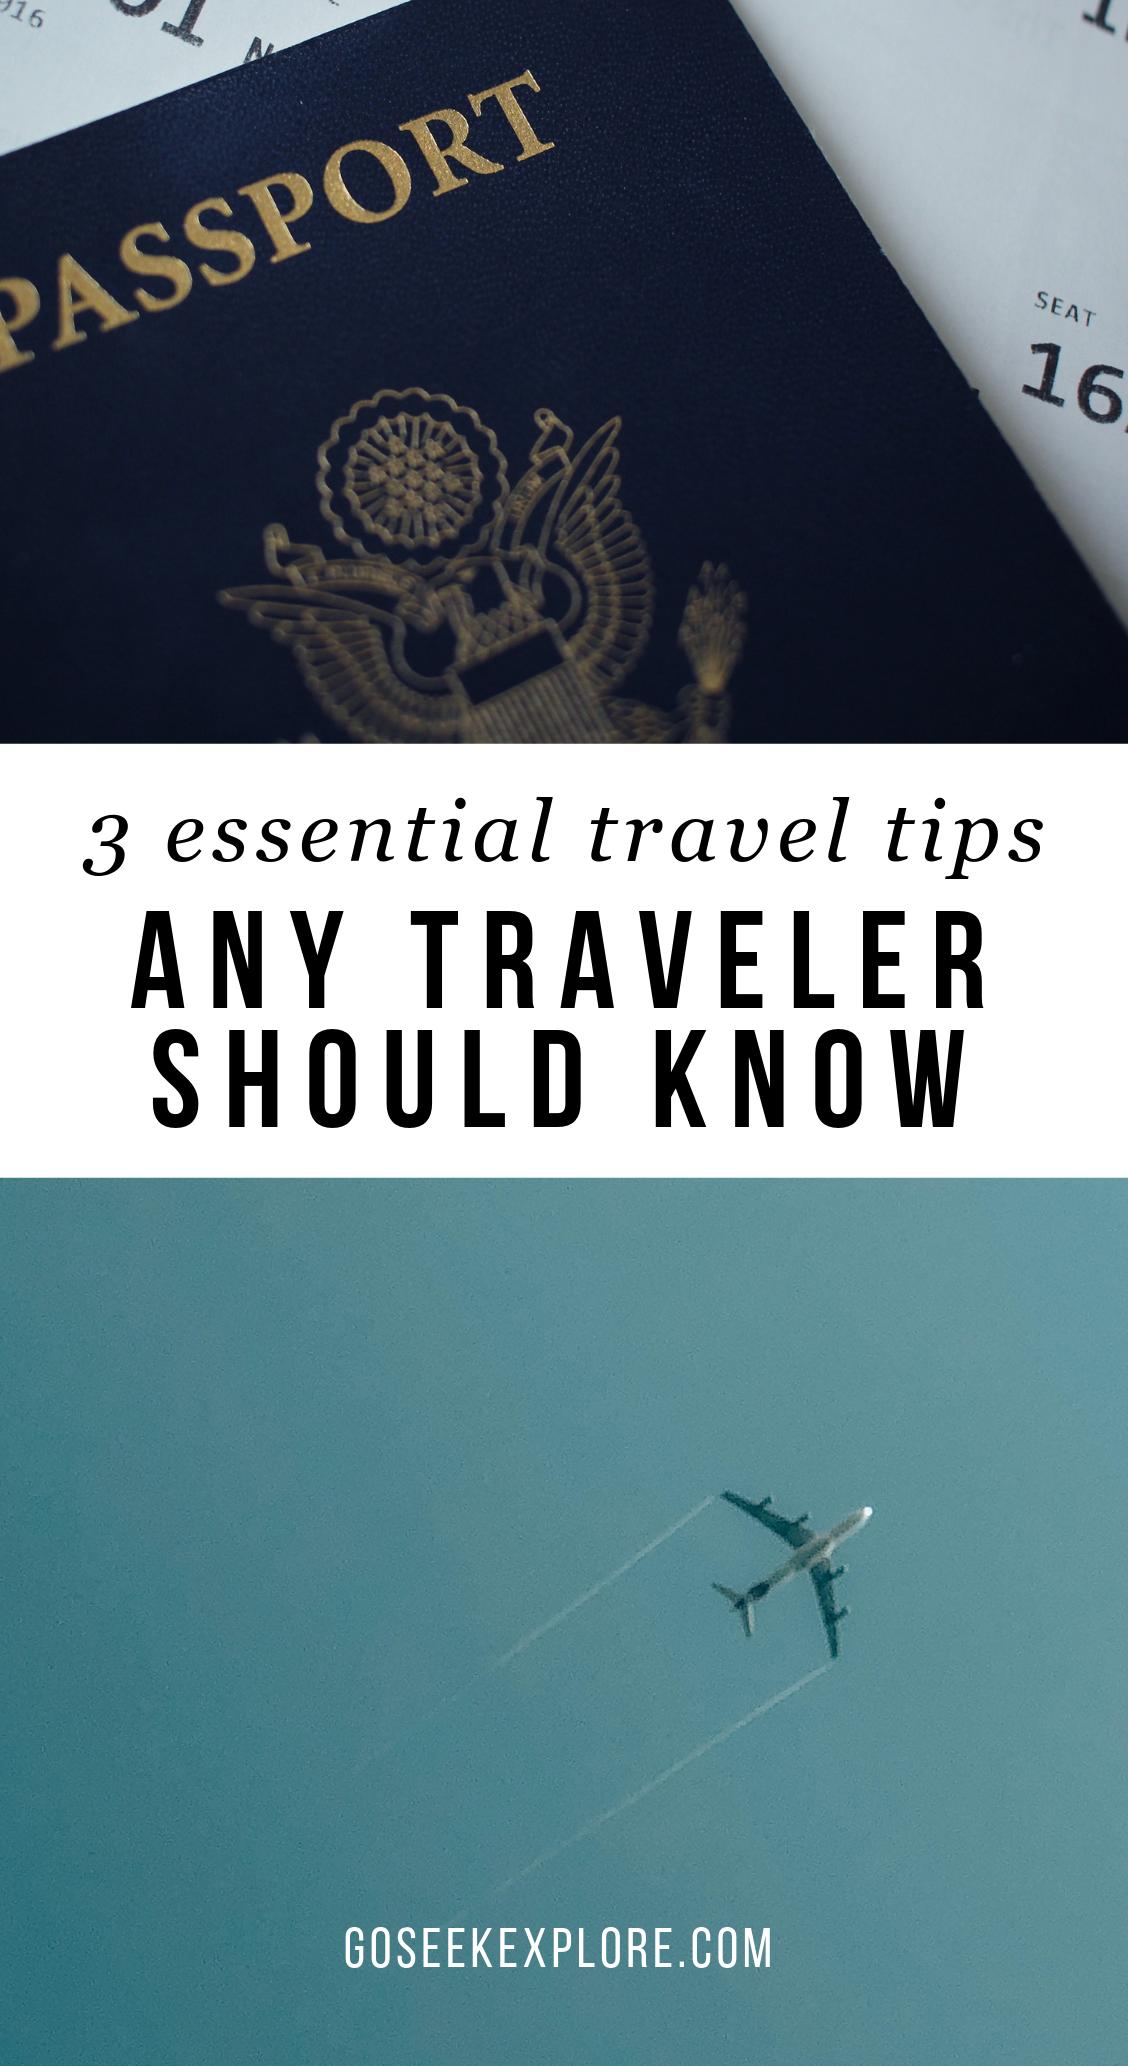 How to Become a Master Traveler: A Budget-Friendly Guide! goseekexplore.com #traveltips #travel